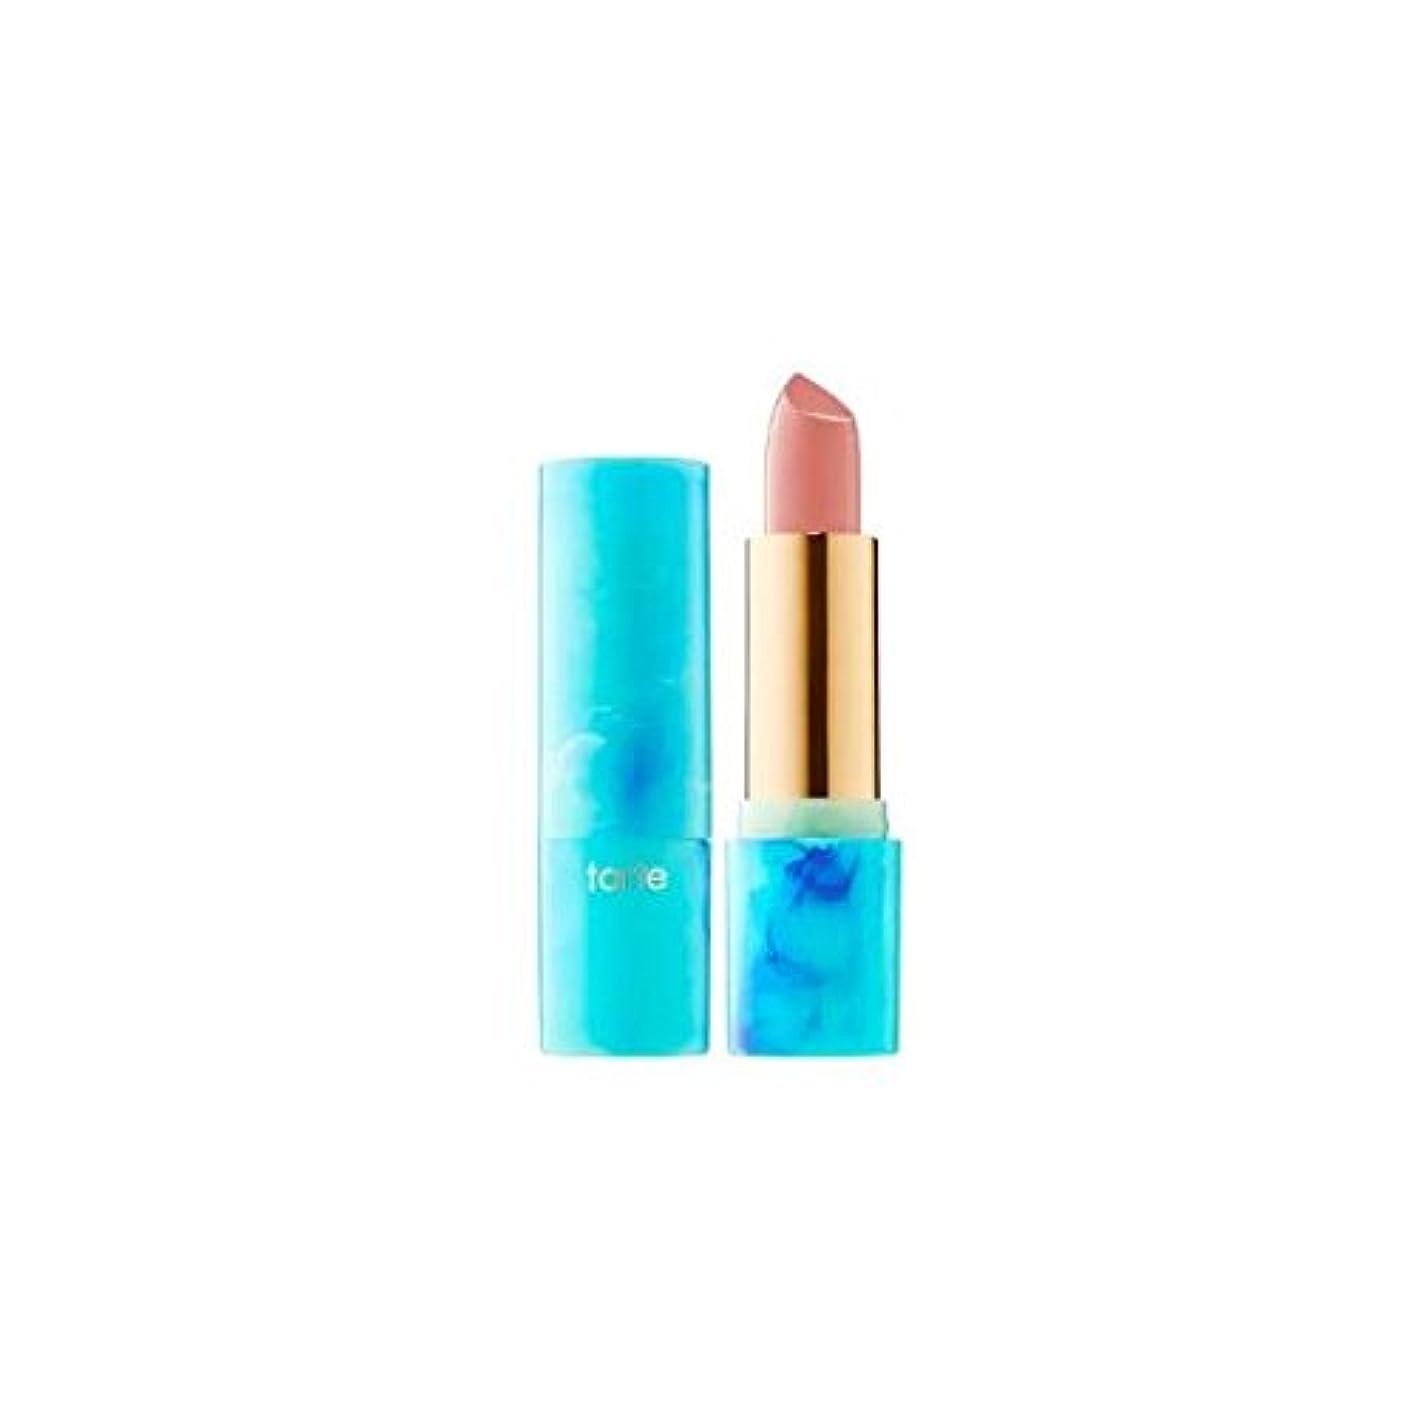 沈黙悲観的命令tarteタルト リップ Color Splash Lipstick - Rainforest of the Sea Collection Satin finish